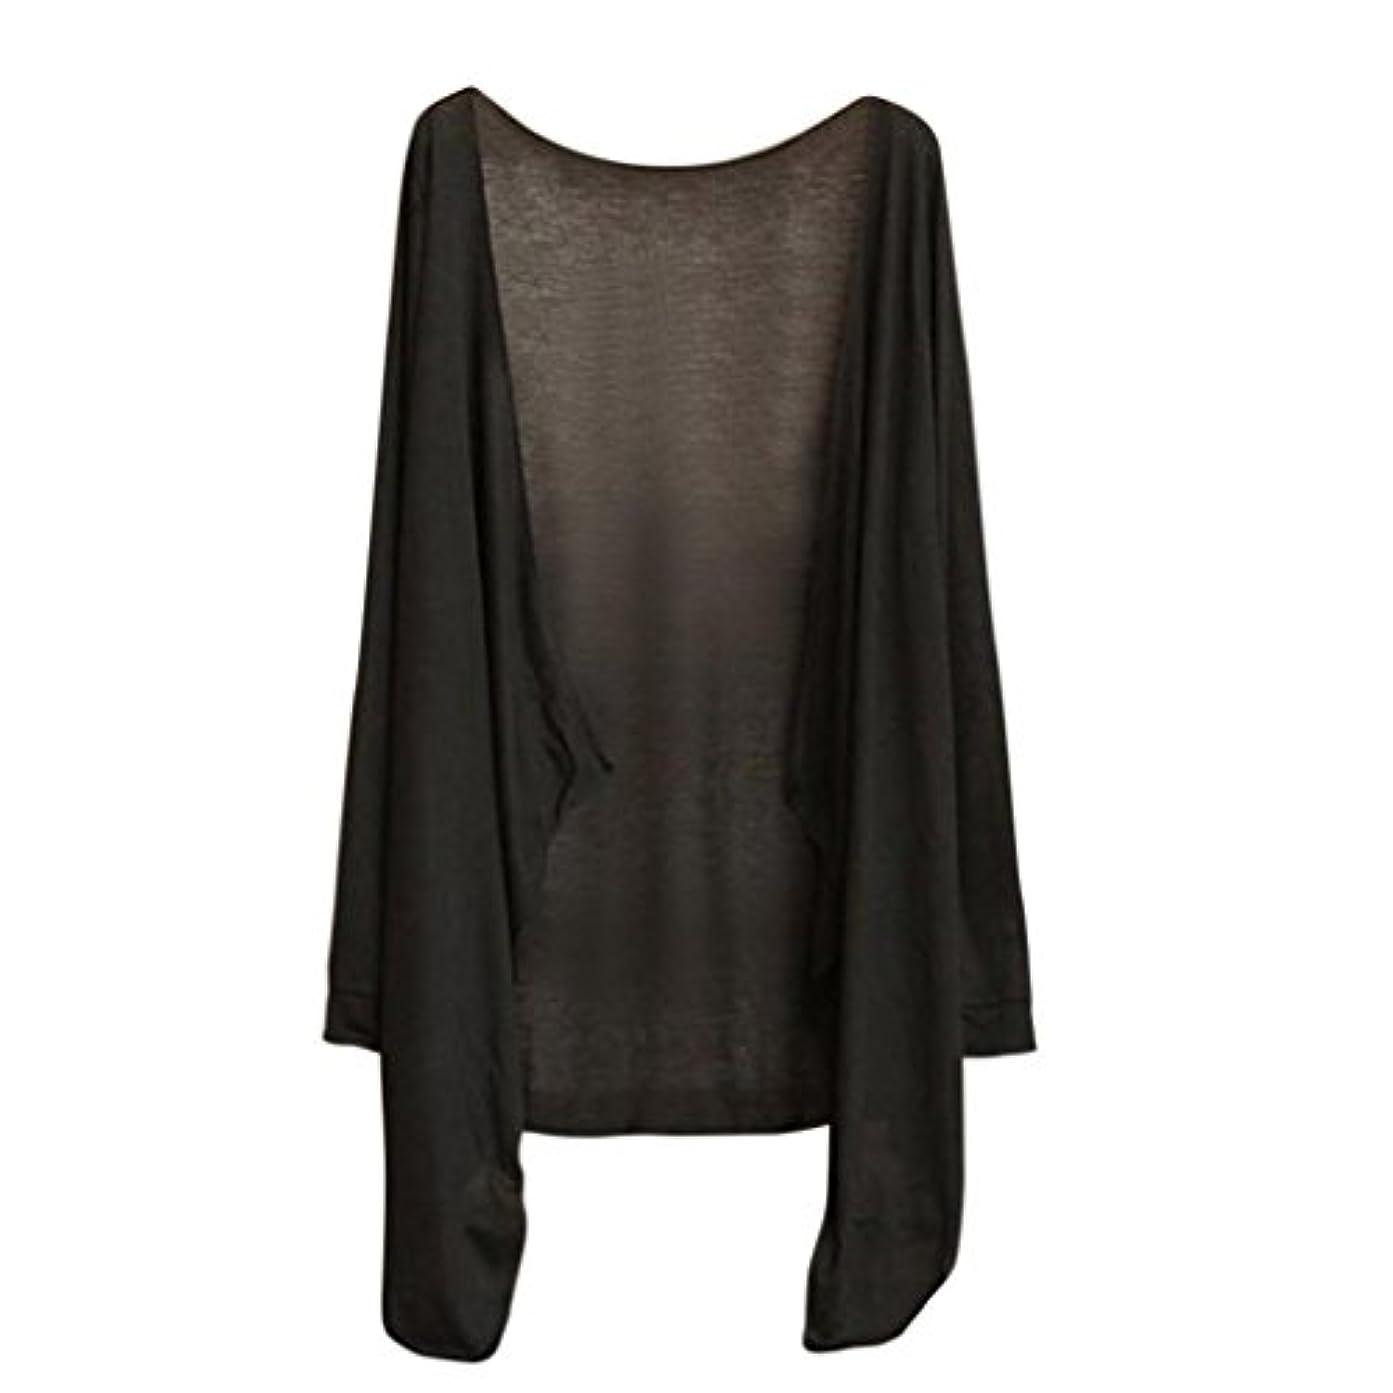 順番縫うチェリーSakuraBest 長いセクションの太陽保護シャツショールショールの小さなコートで薄い日保護服女性の透明な長袖の空調カーディガン